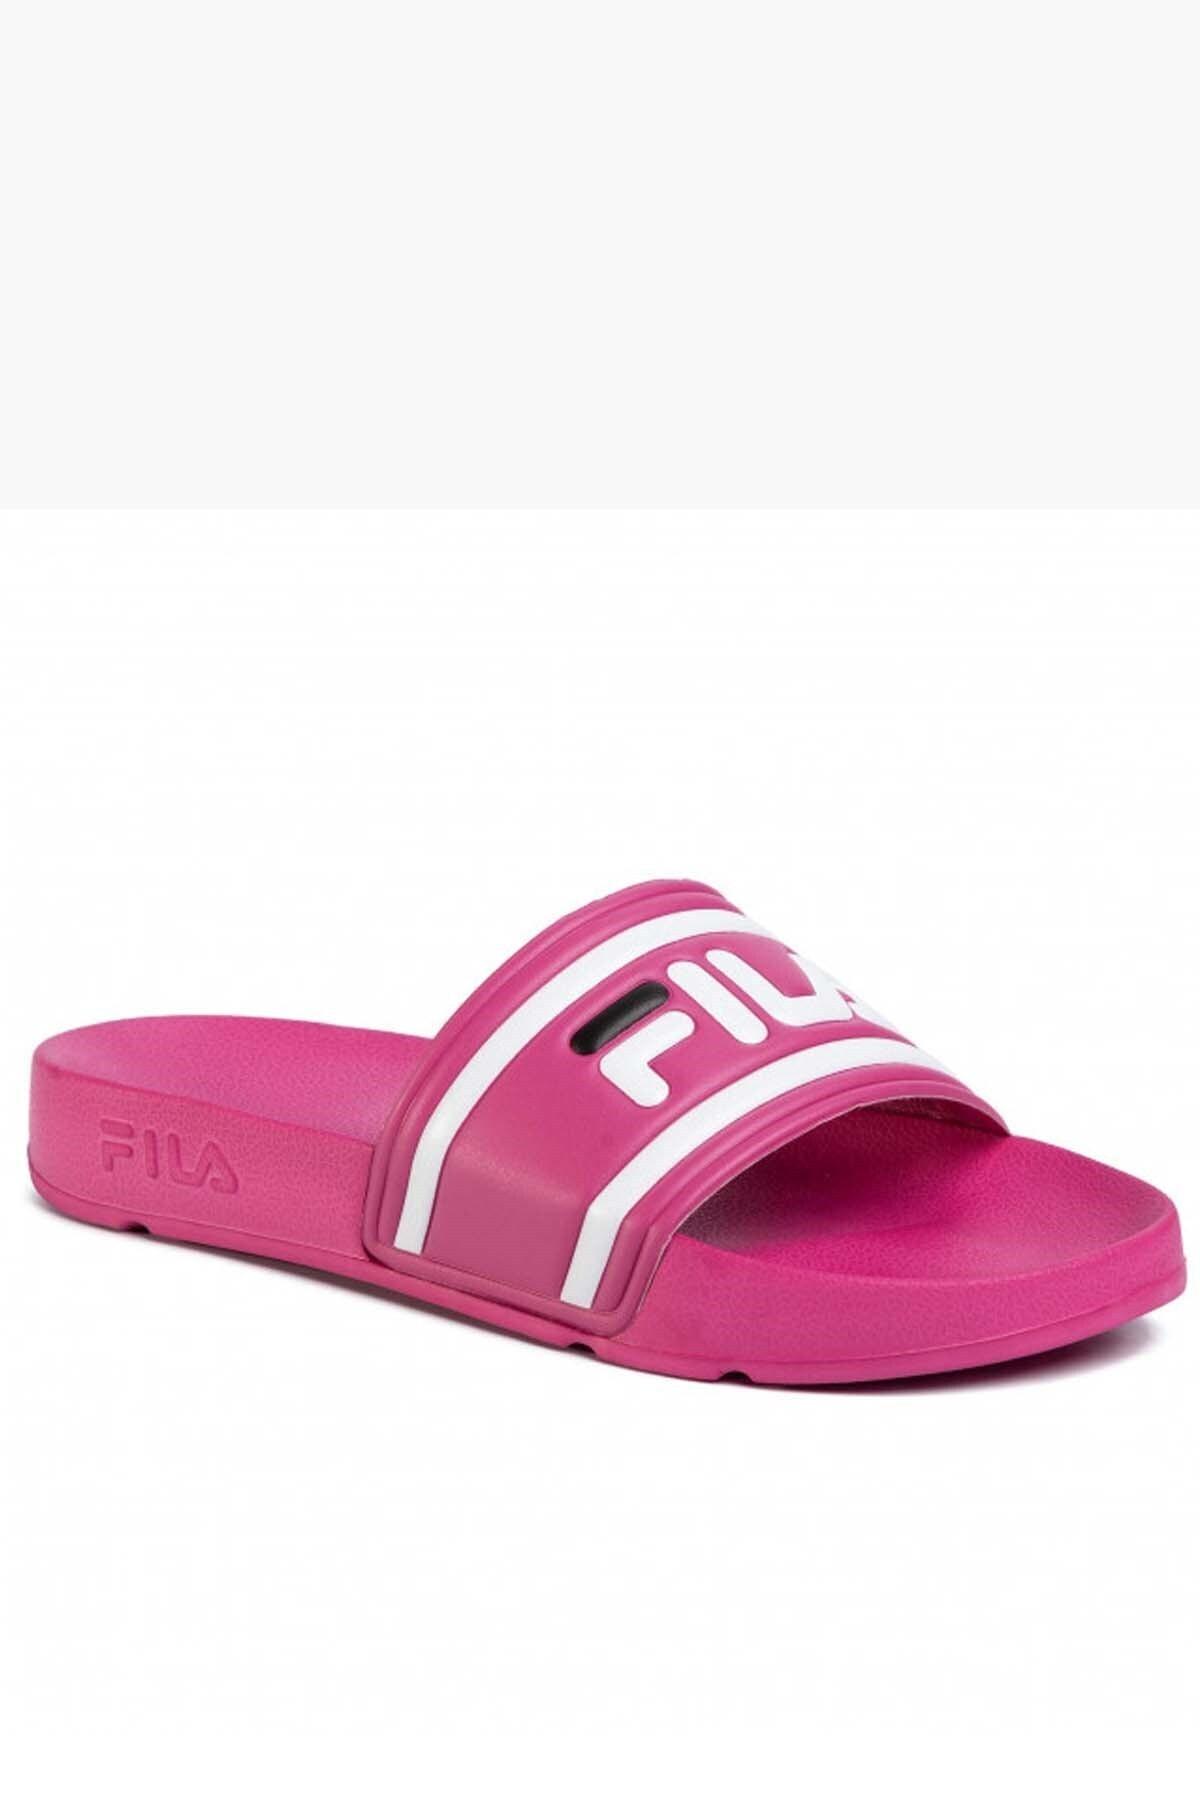 Fila Morro Bay Slipper 2.0 Wmn Kadın Günlük Spor Ayakkabı 1010901_tym-purple 2